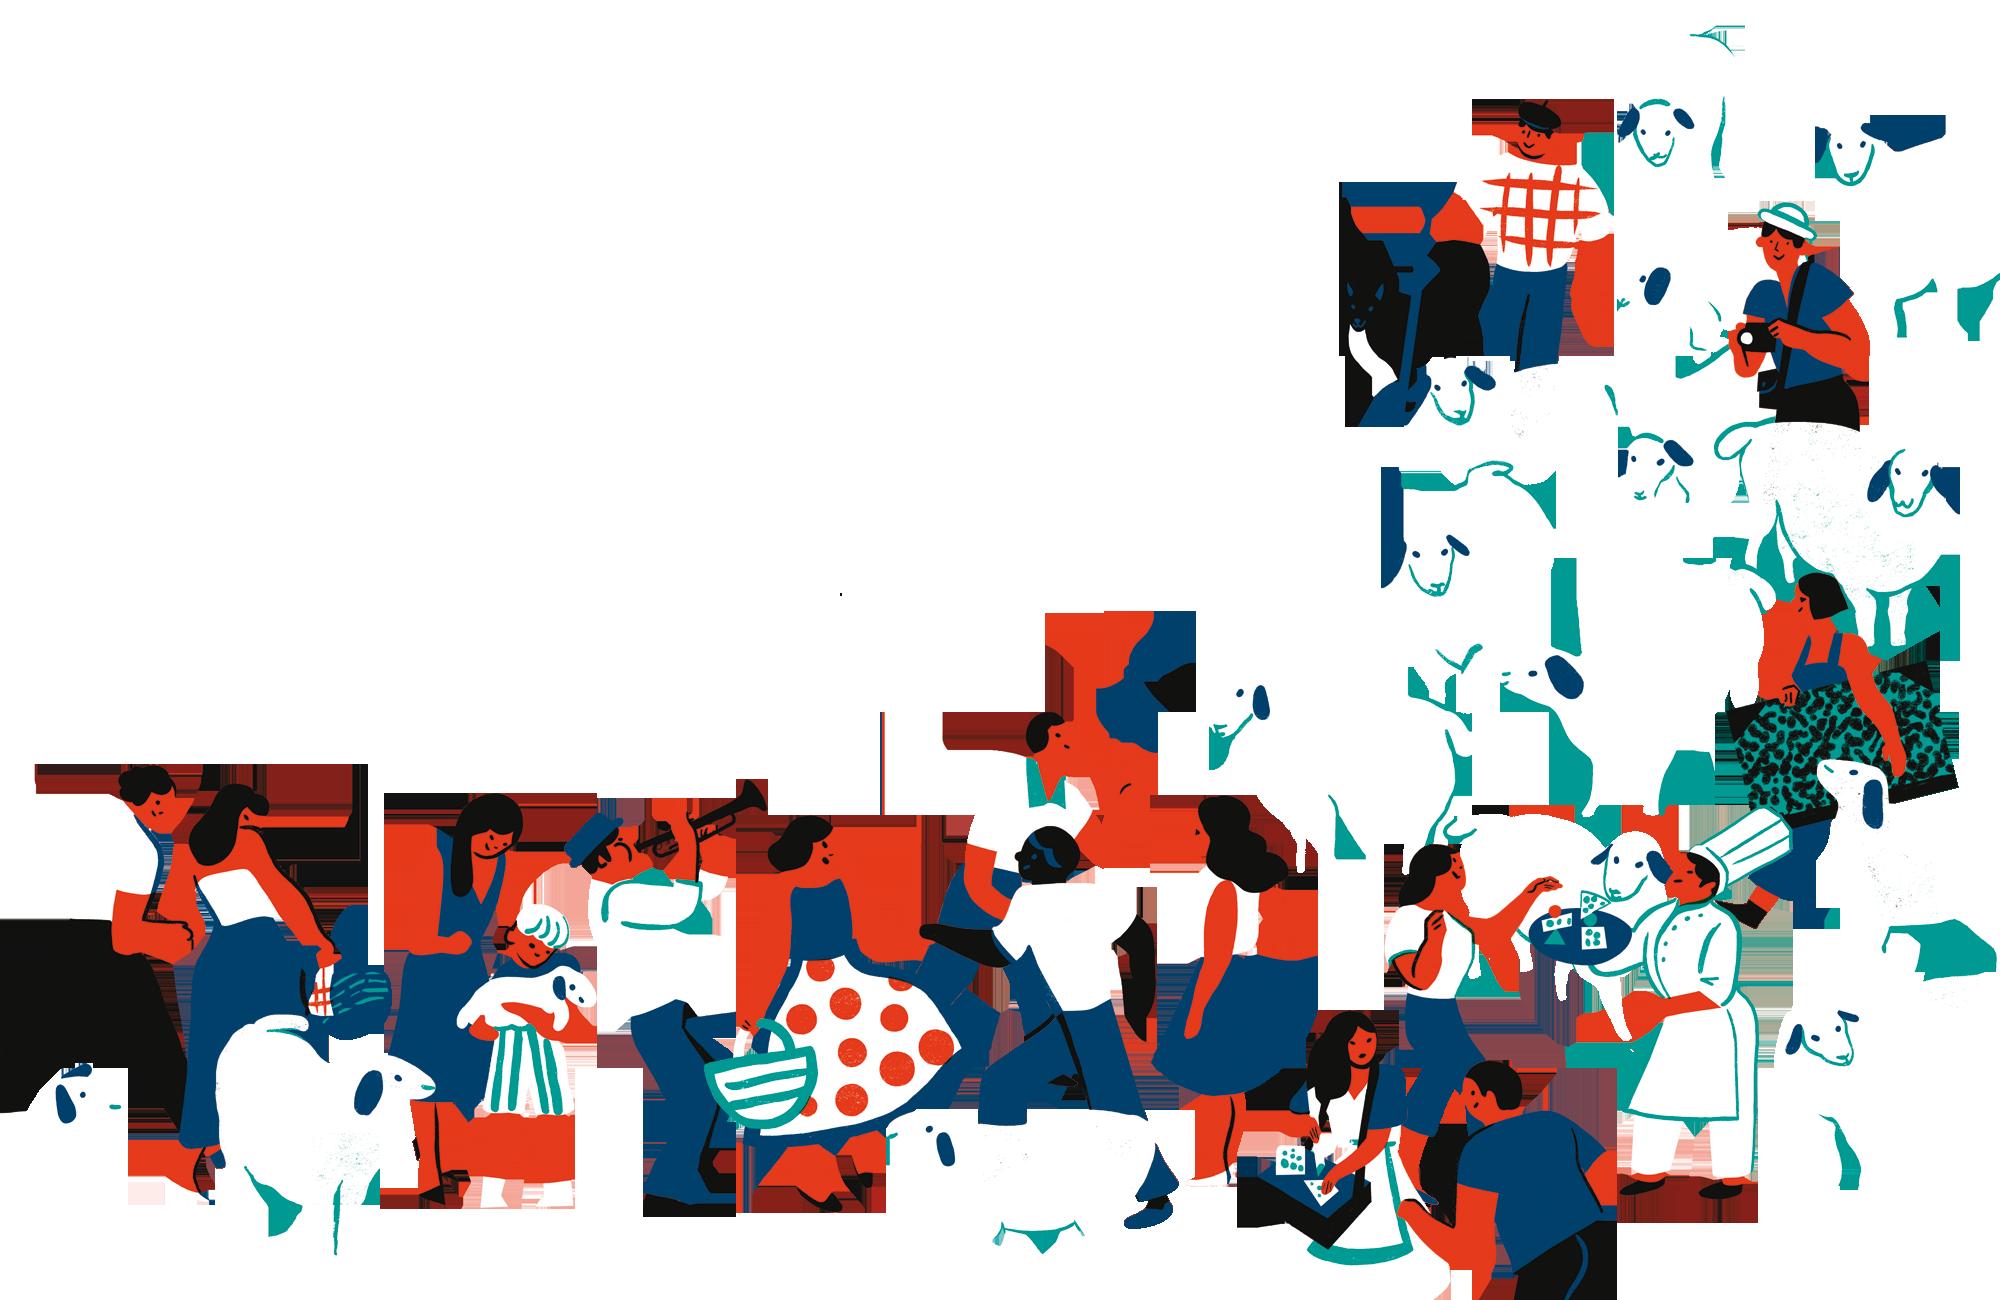 Roquefort territoire en fête illustration confédération générale roquefort